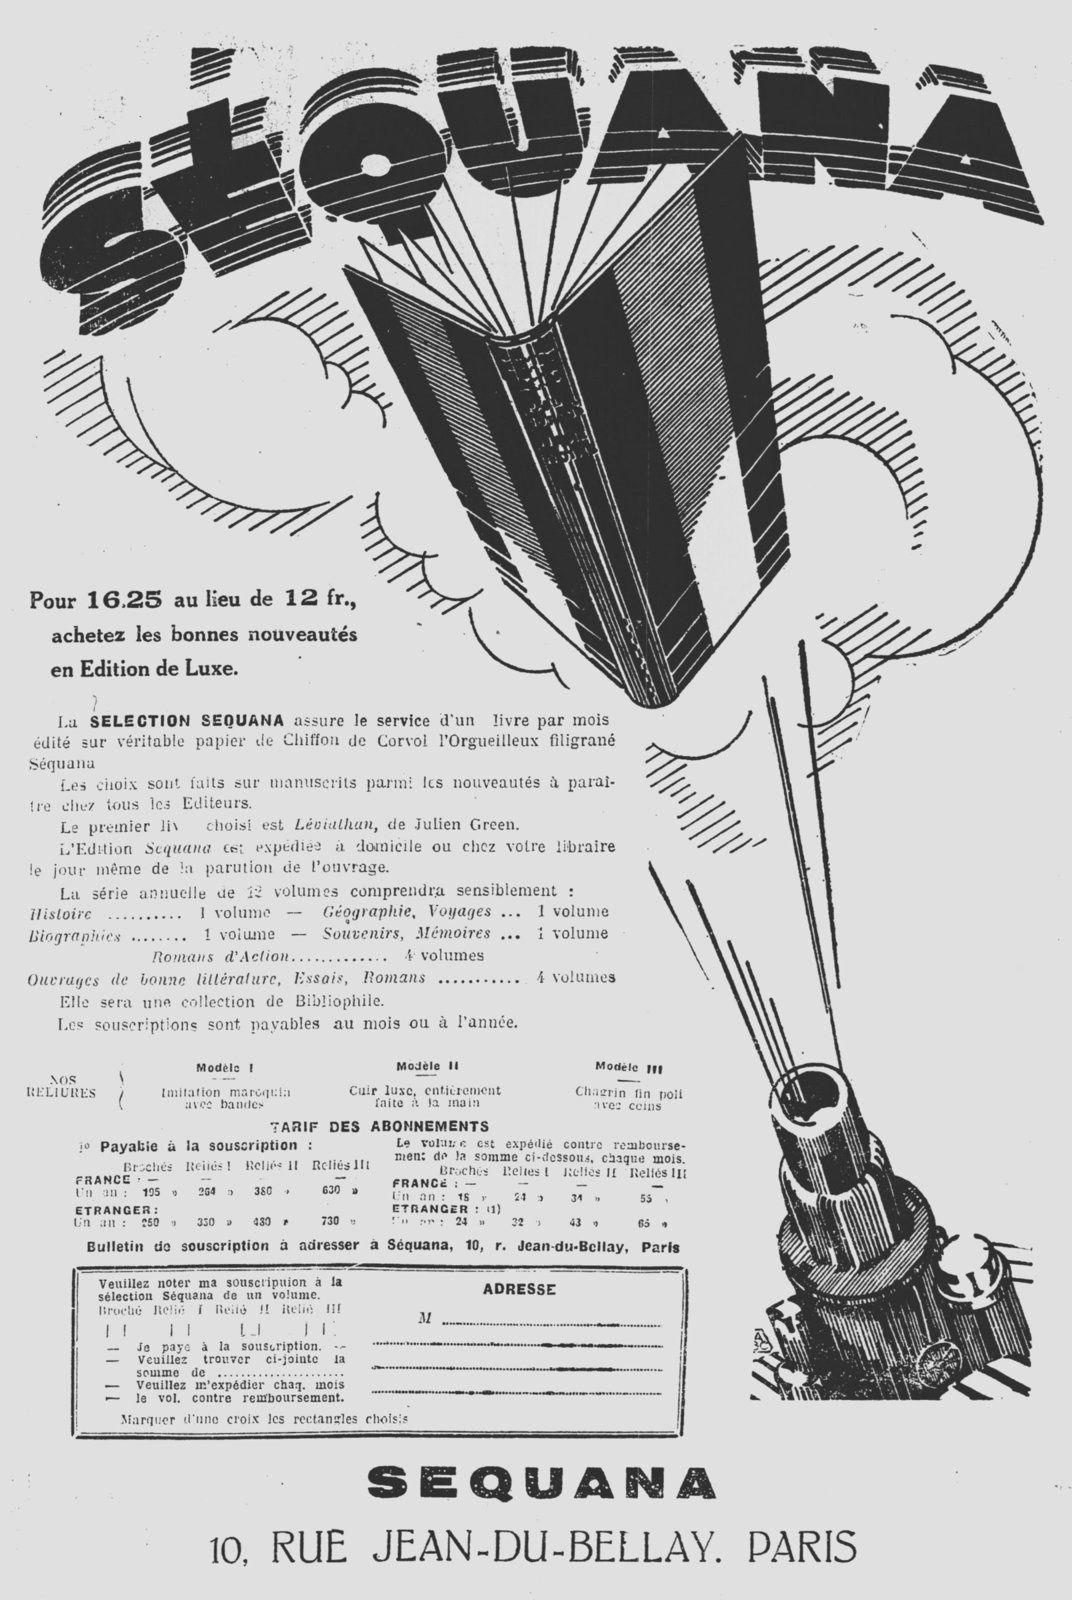 Publicités pour les éditions Séquana (1929)